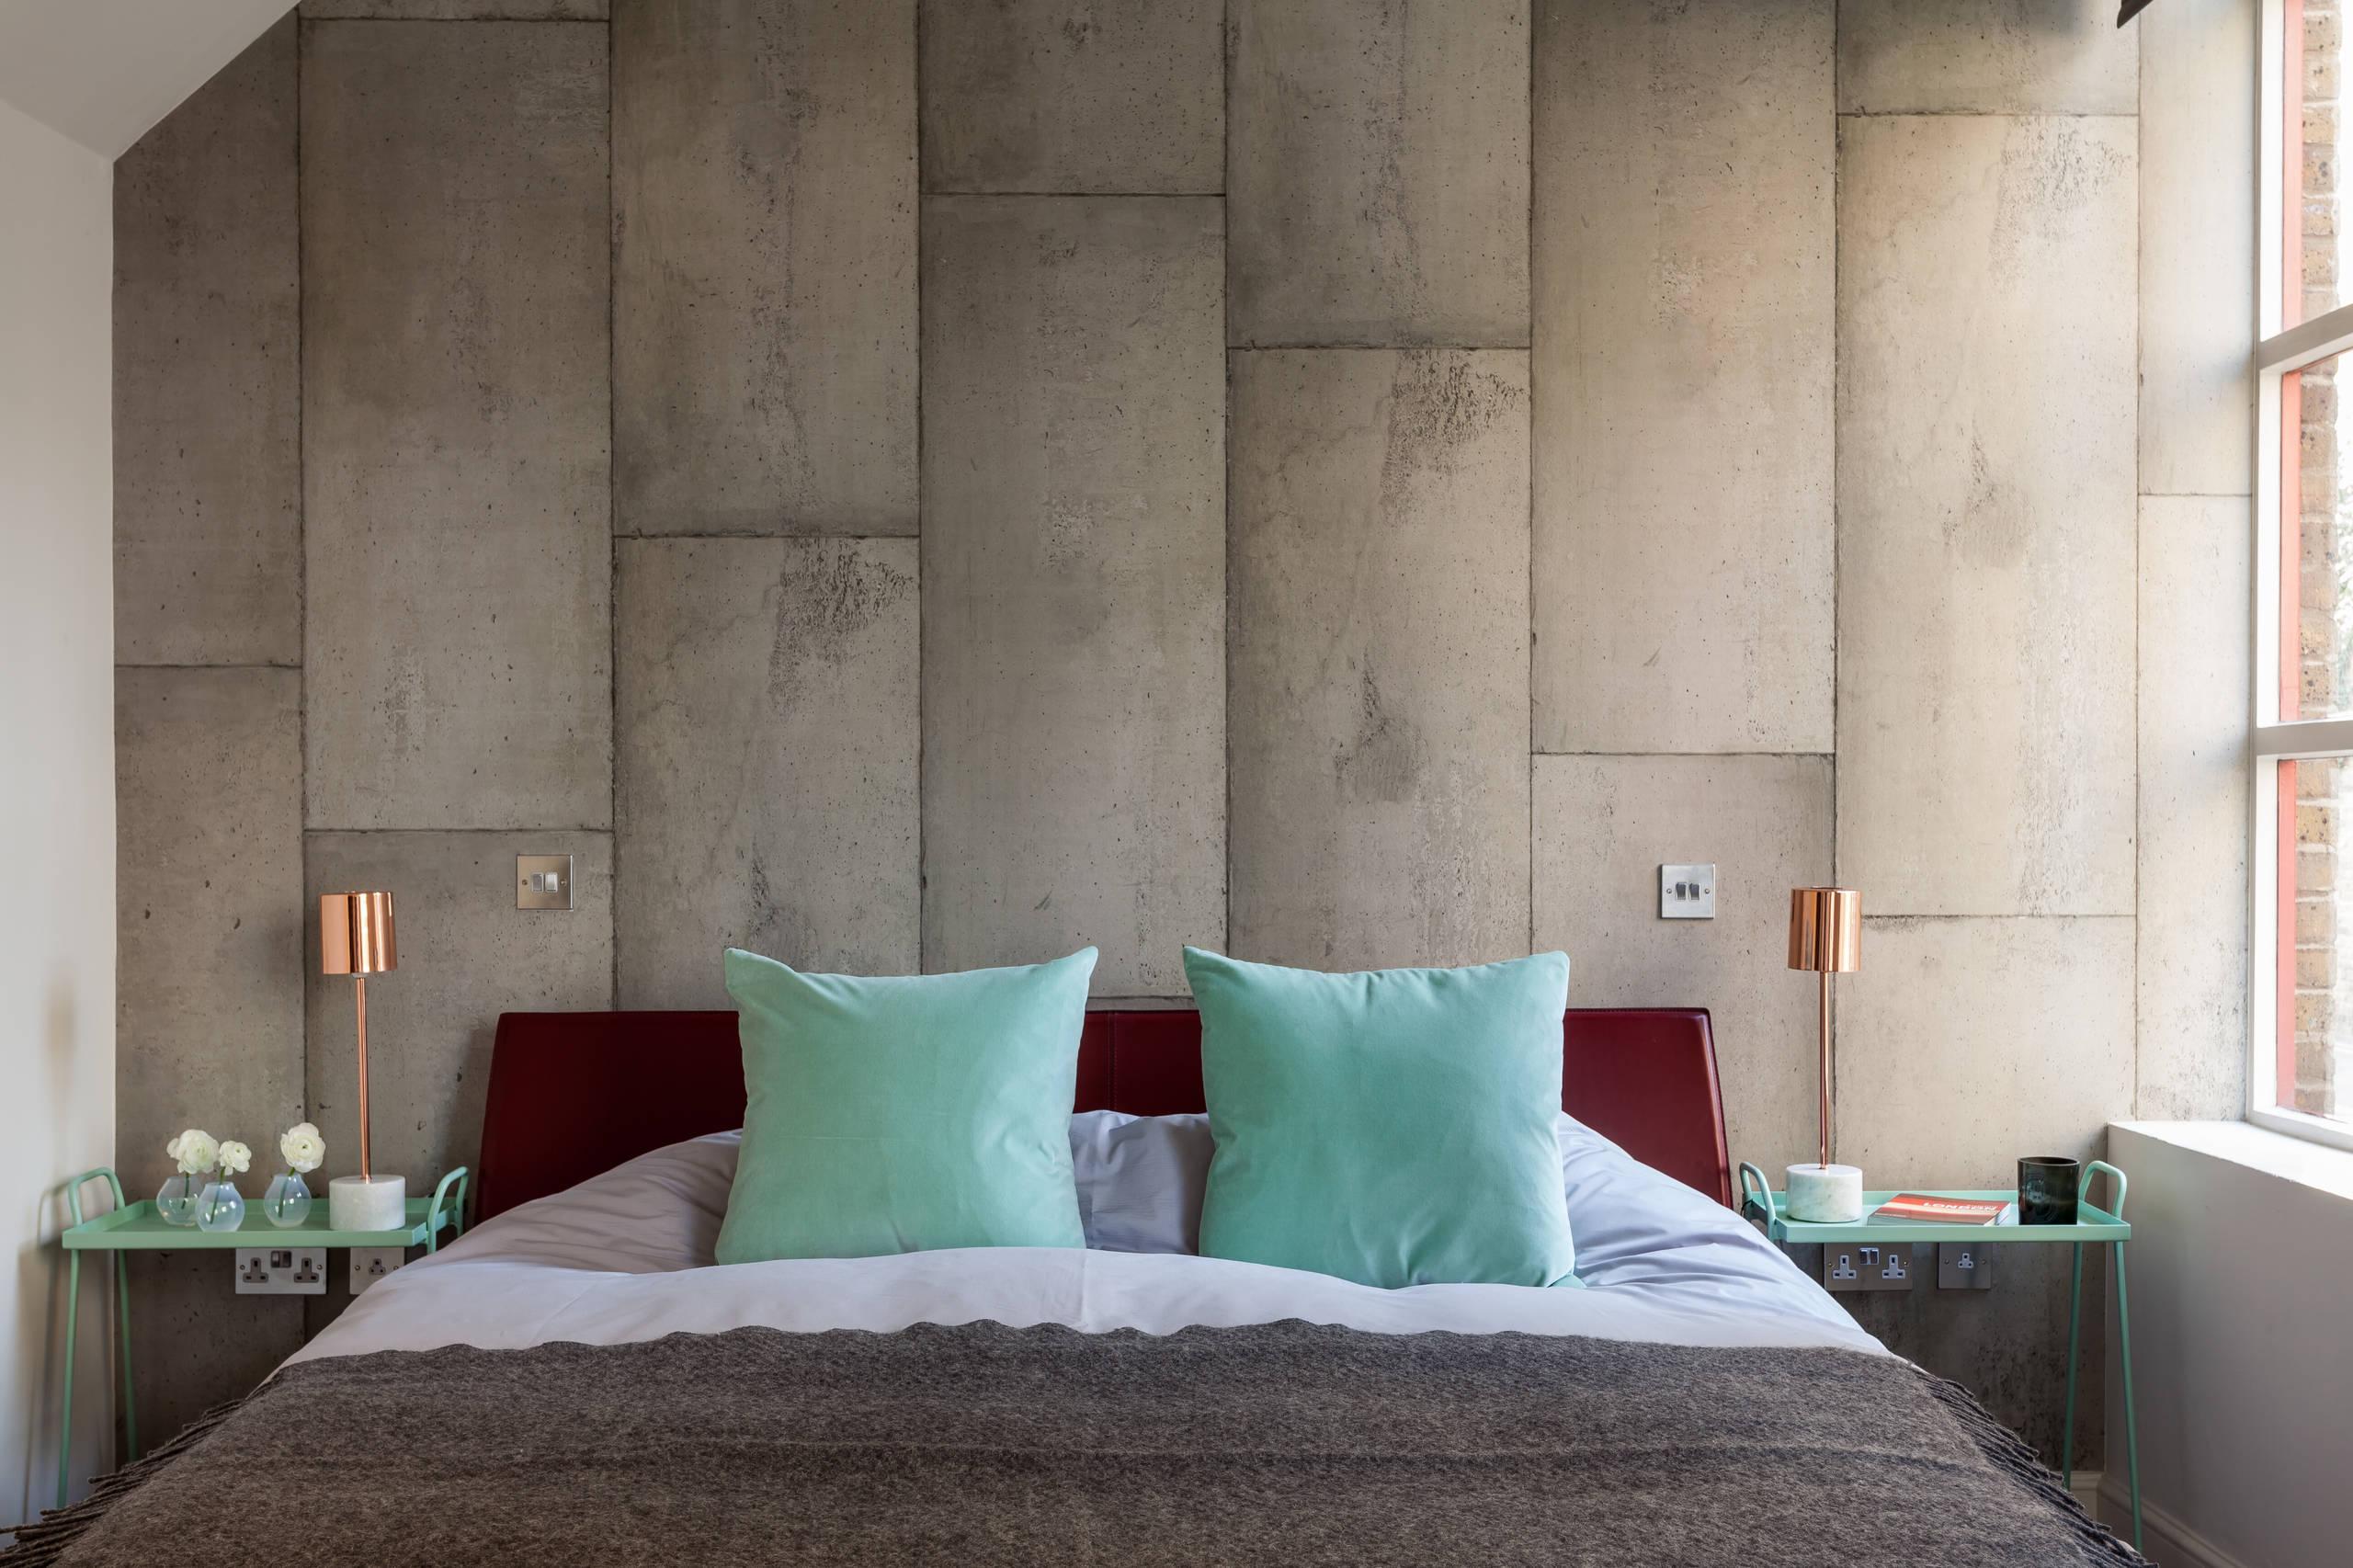 Ambiance incroyablement charmante d'un espace loft avec des murs en béton